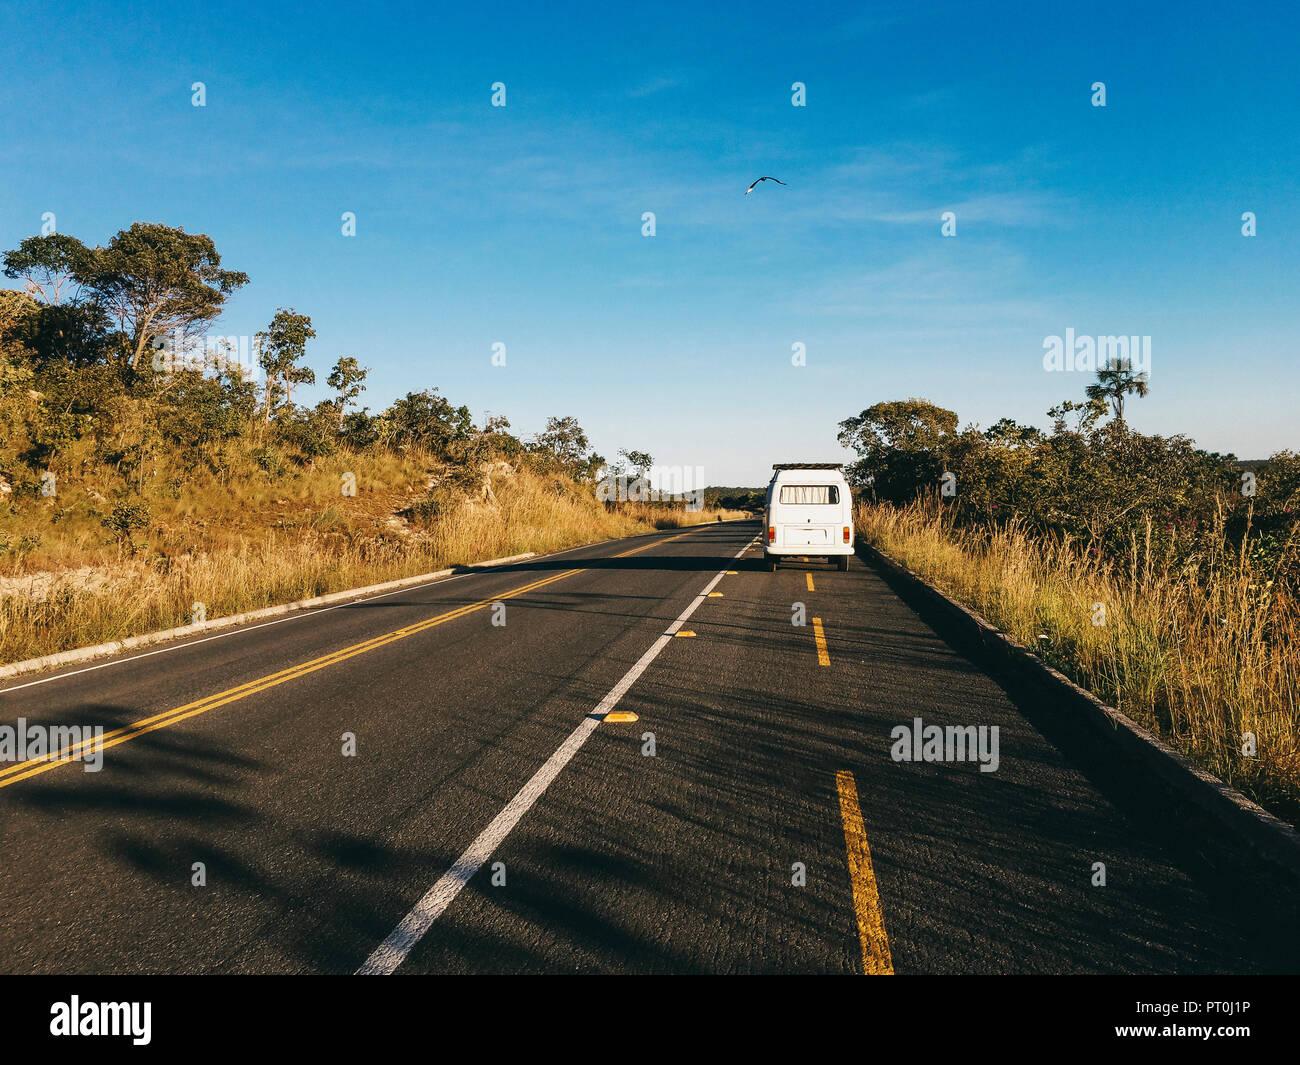 Brazil, Alto Paraiso de Goias, Camper on a country road - Stock Image